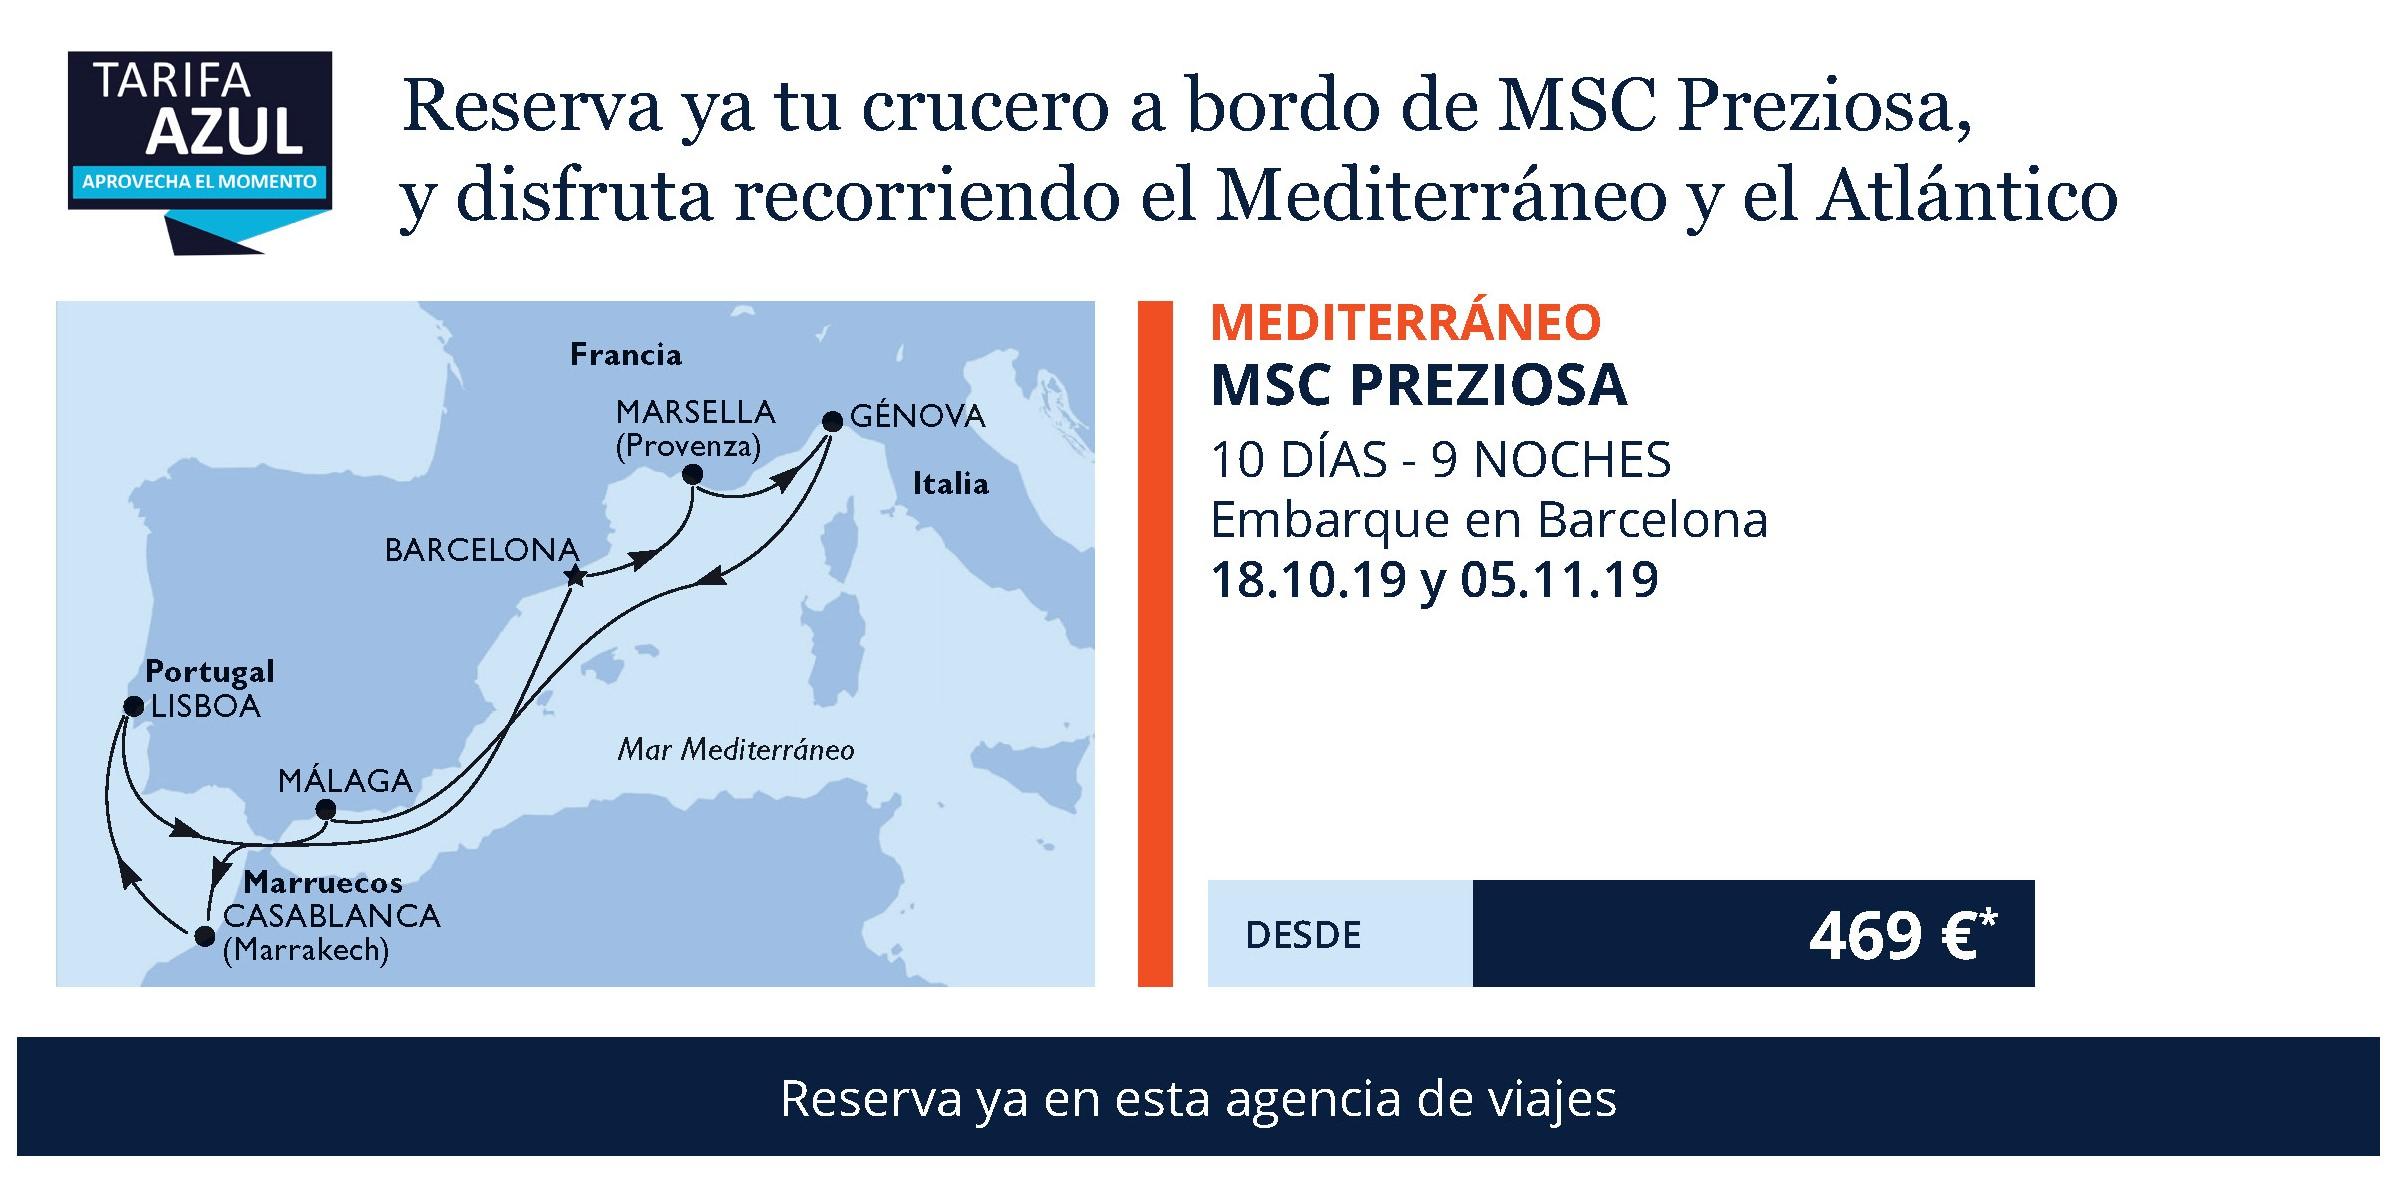 Viaja por el Mediterráneo en Crucero MSC 679€ Tasas Incluidas